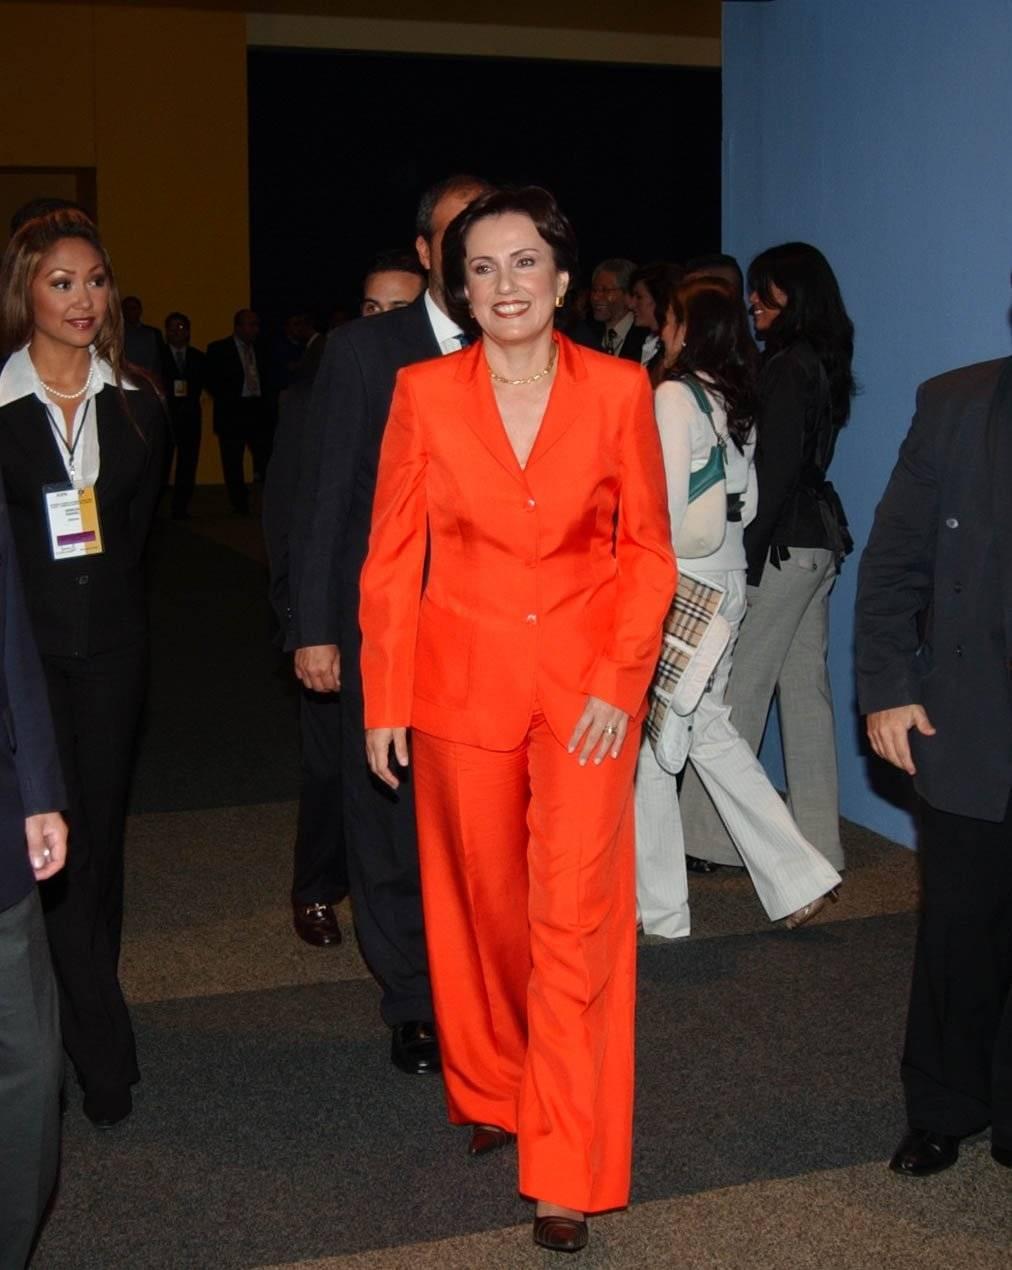 Patricia Mercado candidata presidencial por el Partido Alternativa Social a su arrivo en el interior de las instalaciones del World Trade Center Foto: Cuartoscuro